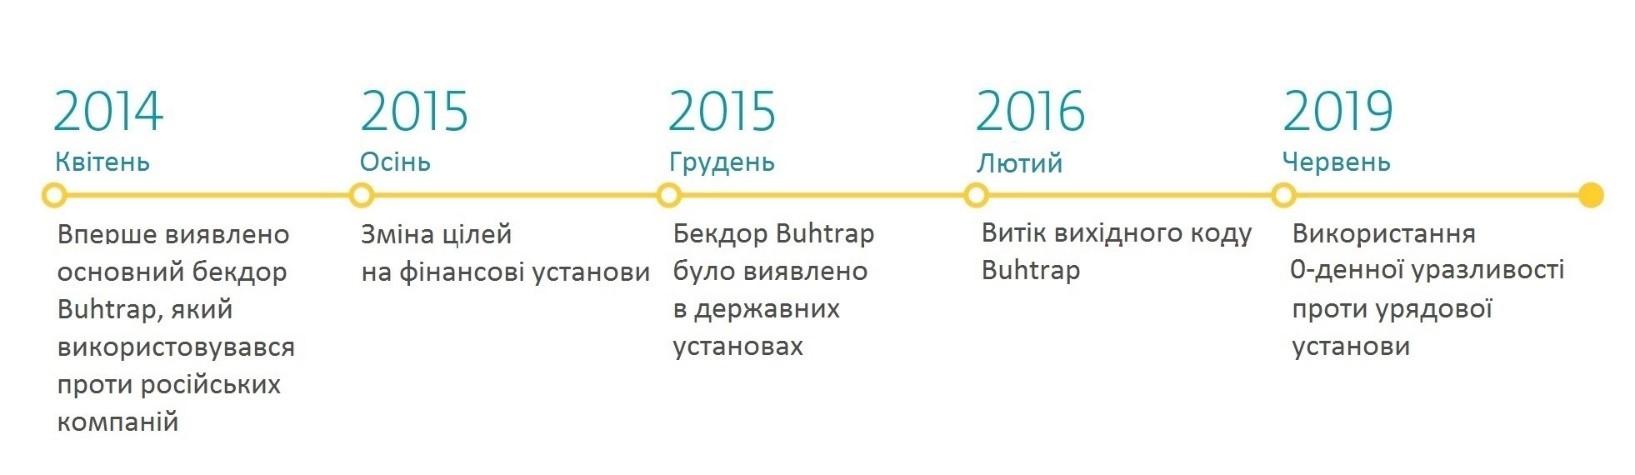 Цілі кіберзлочинців групи Buhtrap за останніх п'ять років - новини ESET.